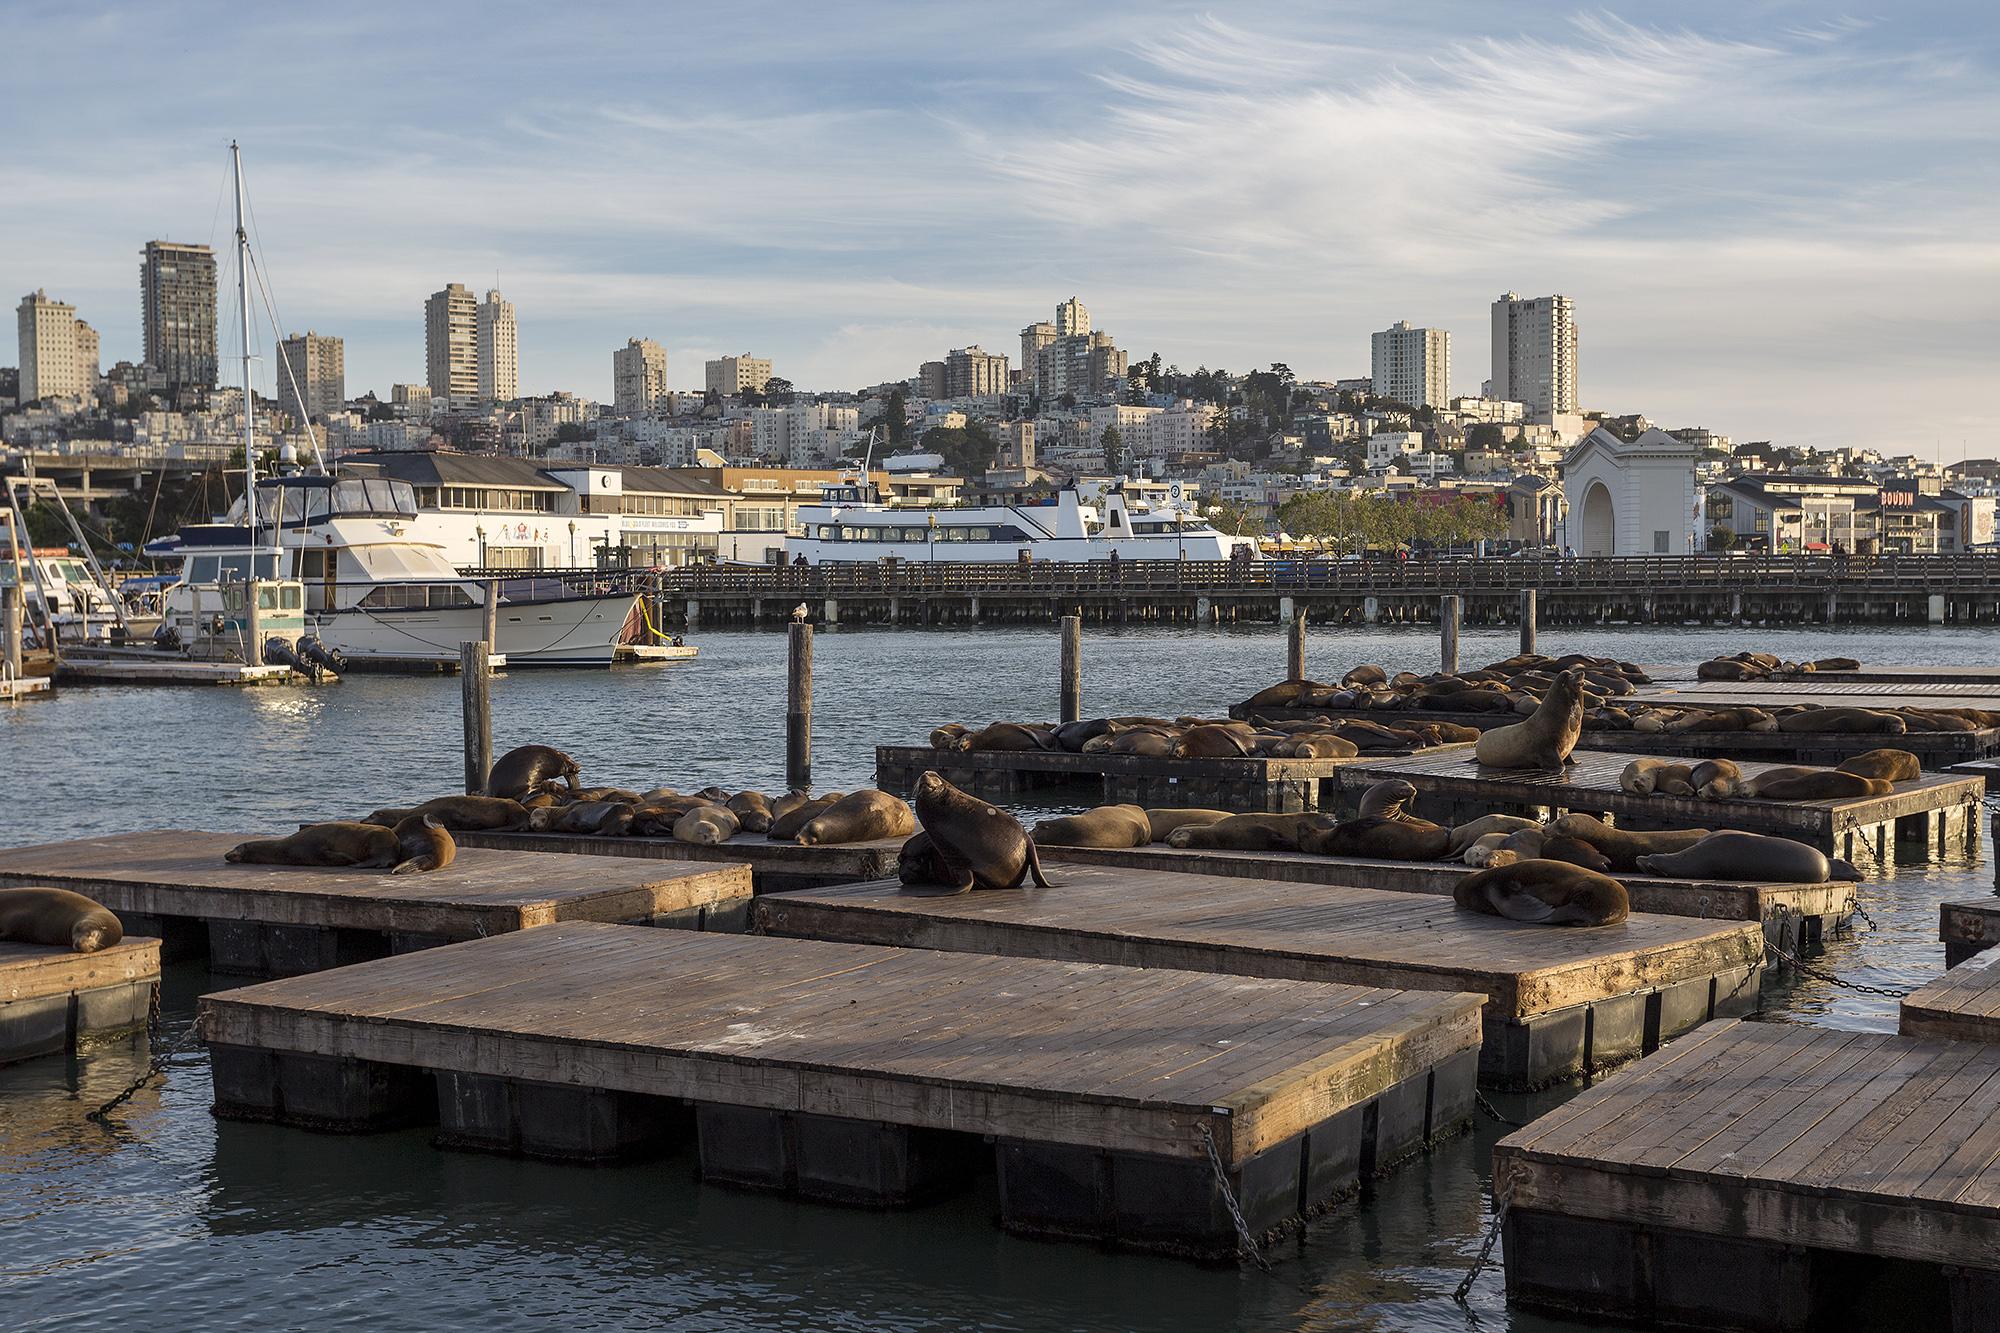 Fisherman's wharf...